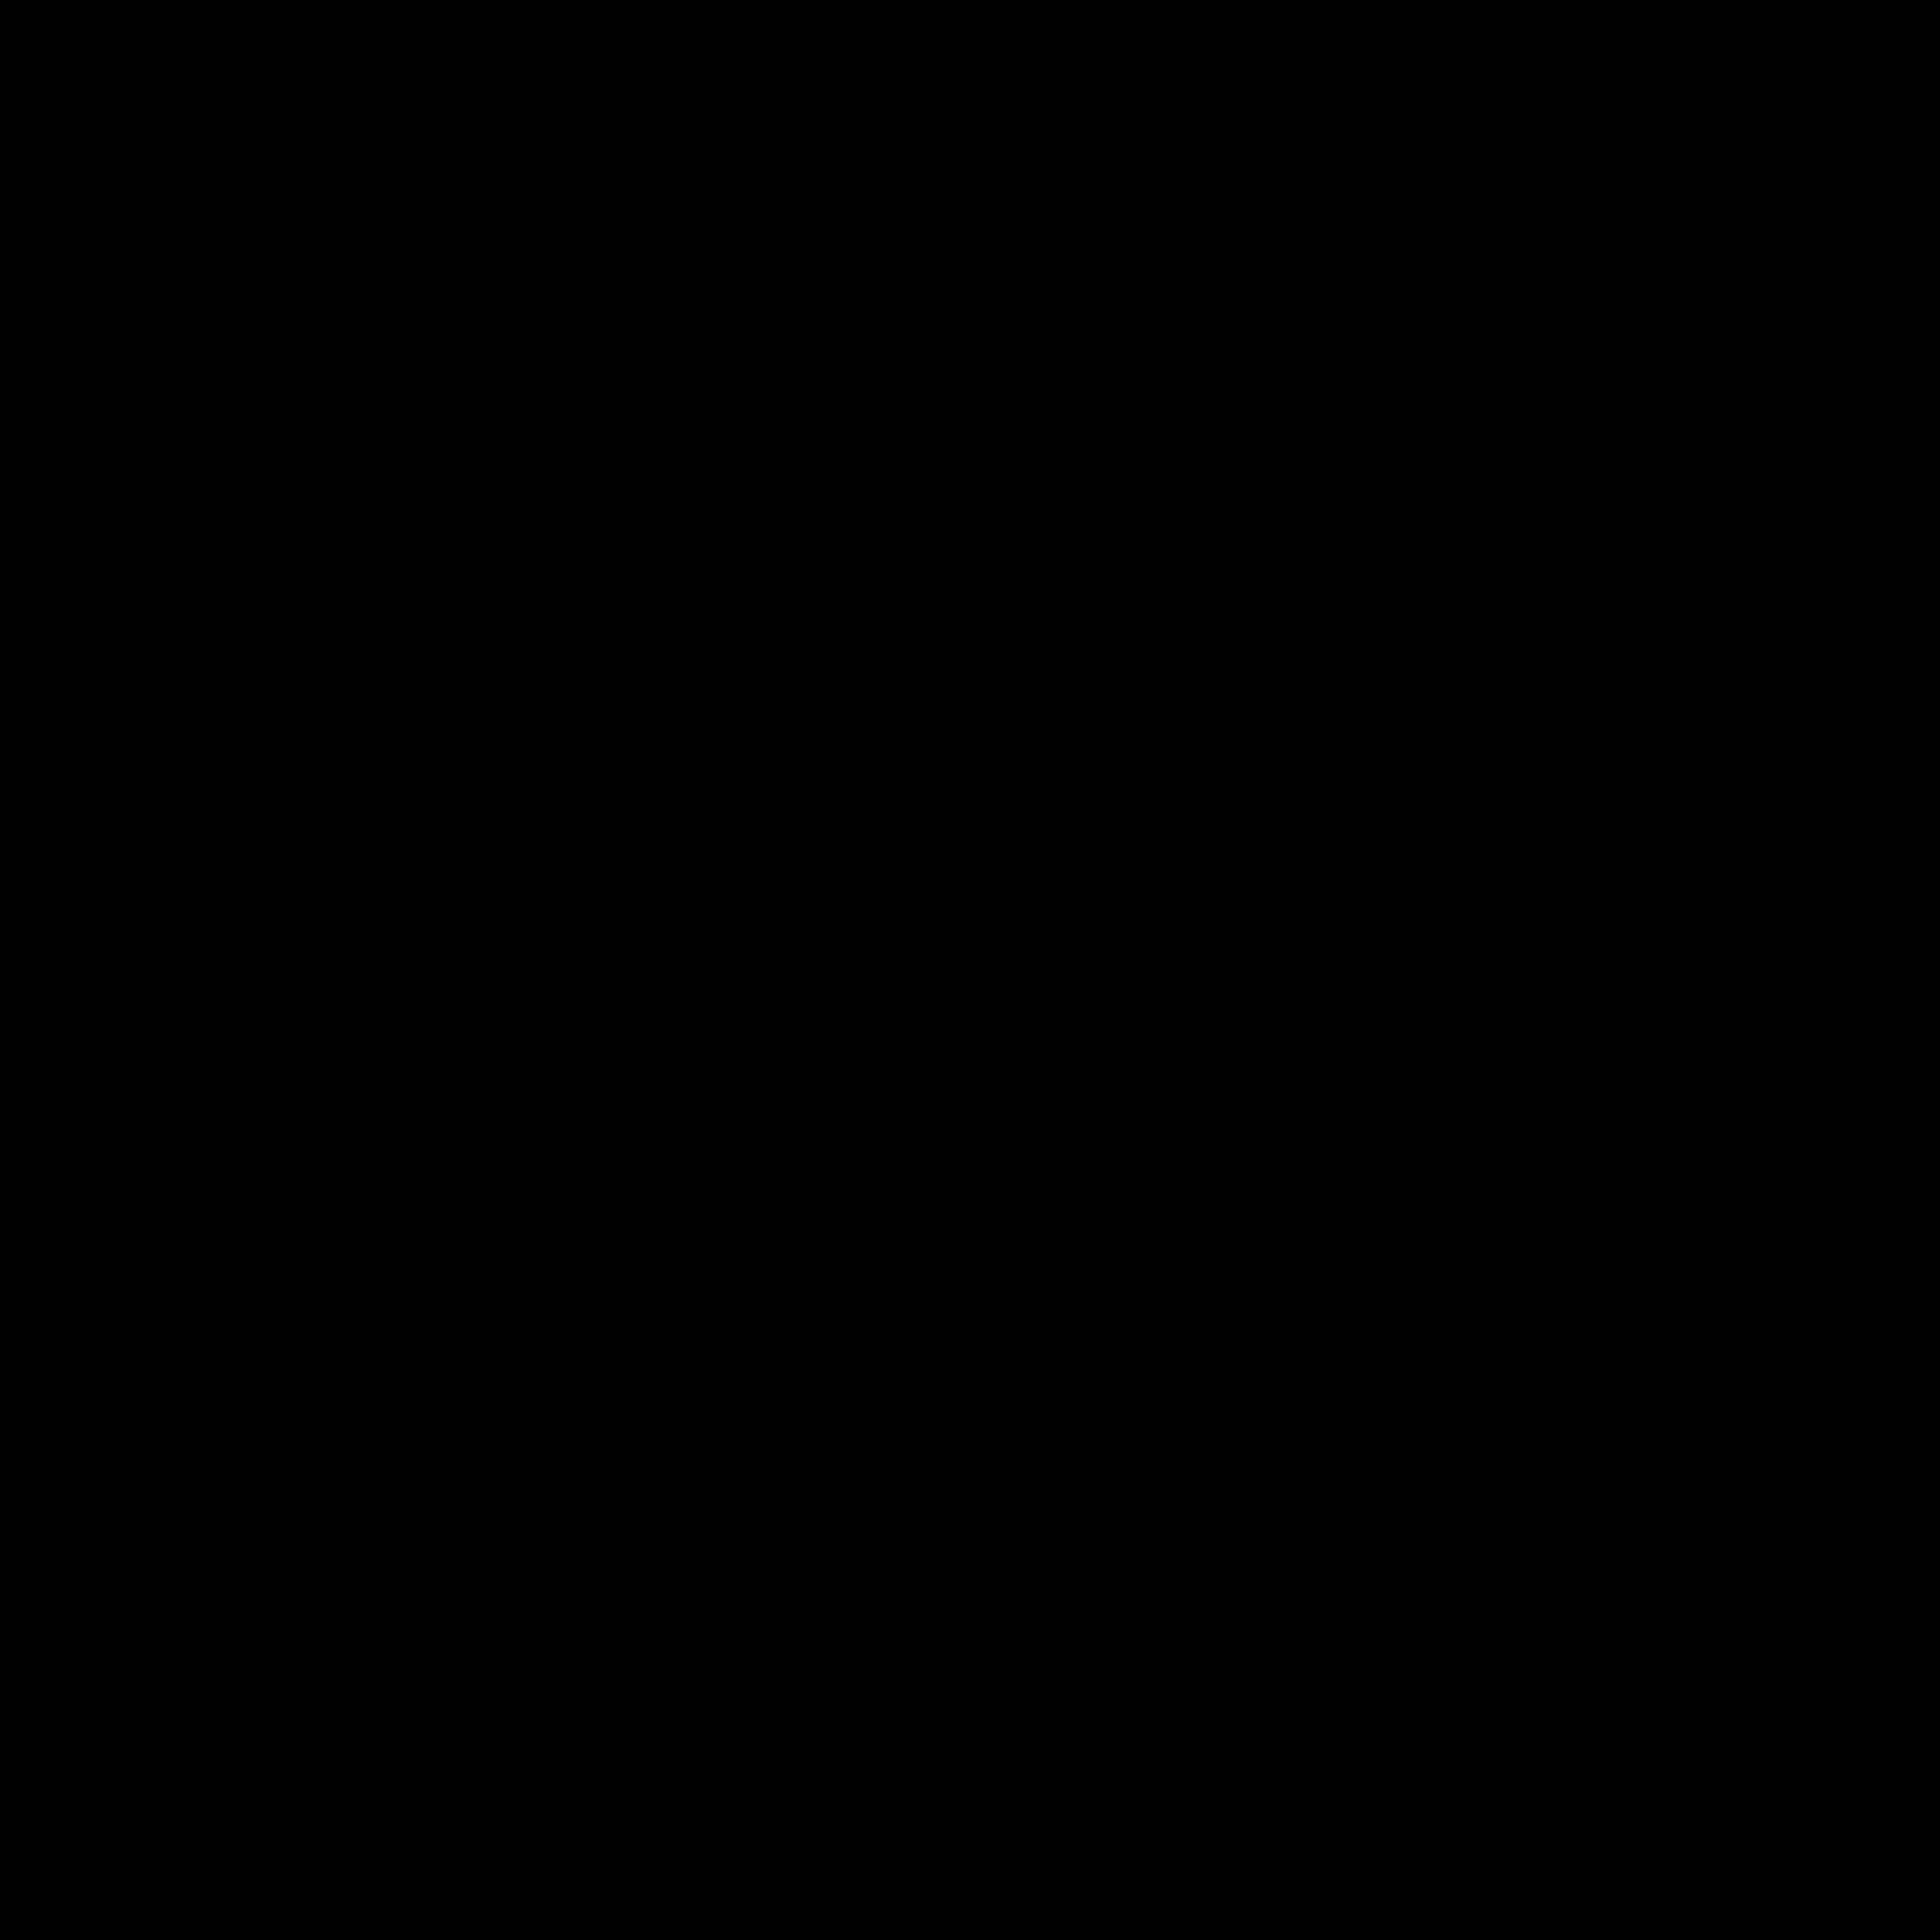 LVM Versicherung Simone Speck - Versicherungsagentur